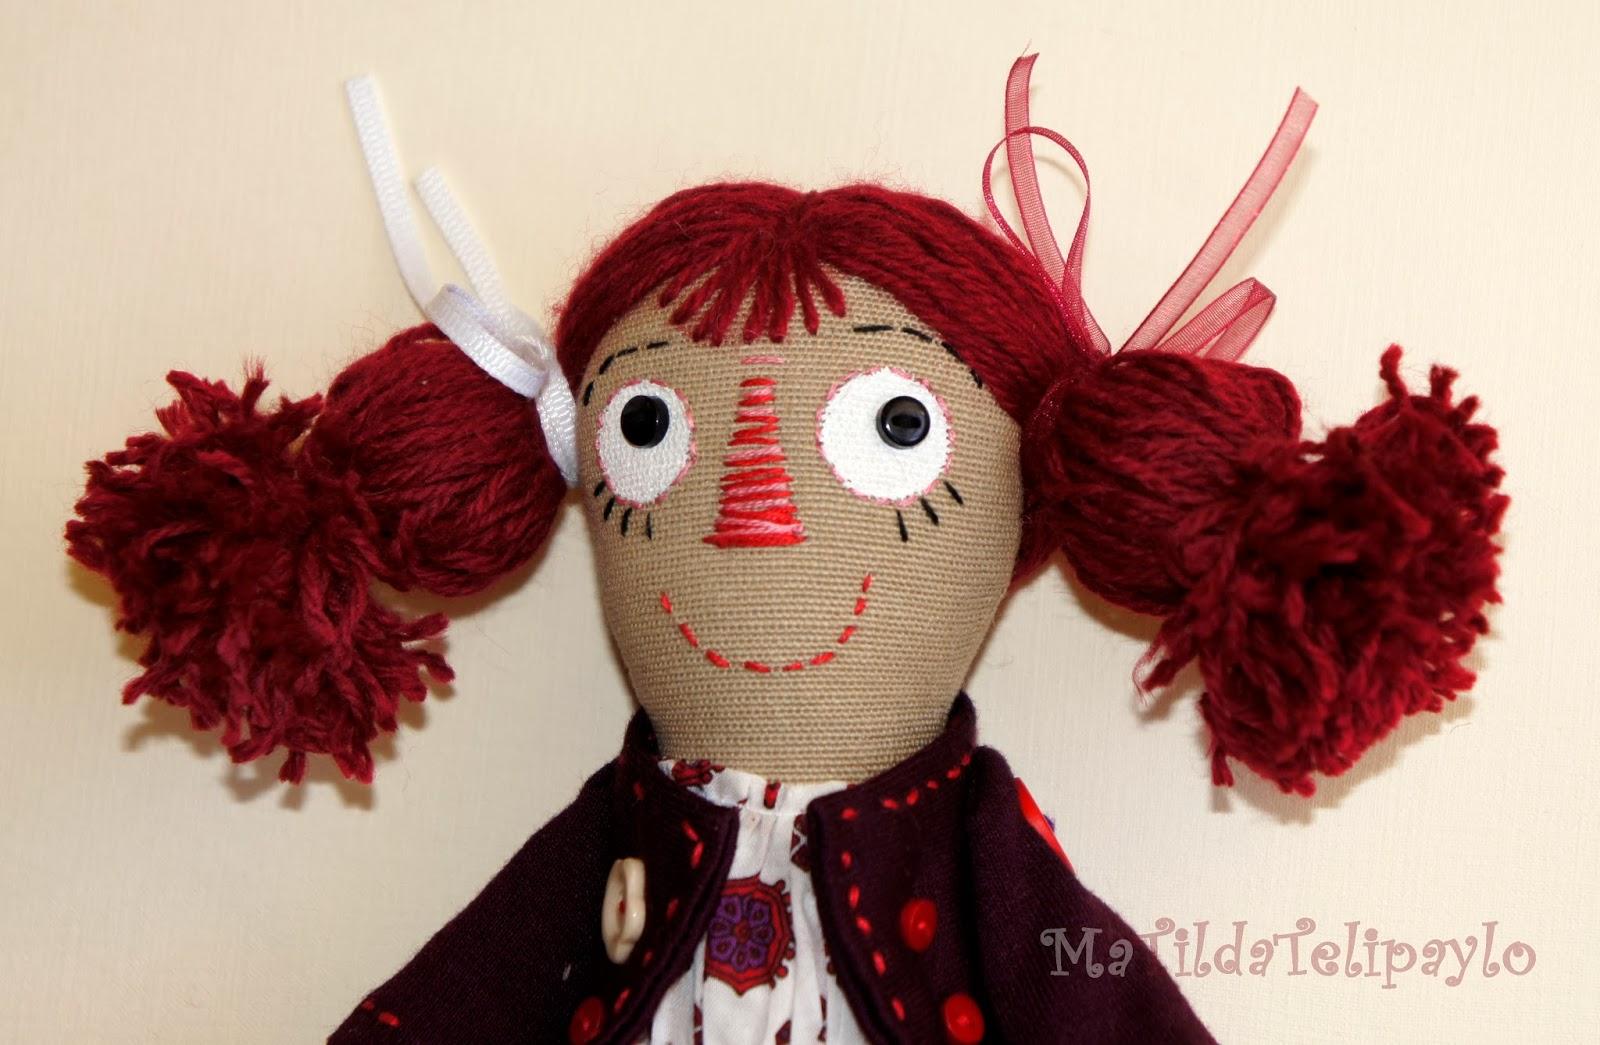 Авторская текстильная кукла Юли Телипайло